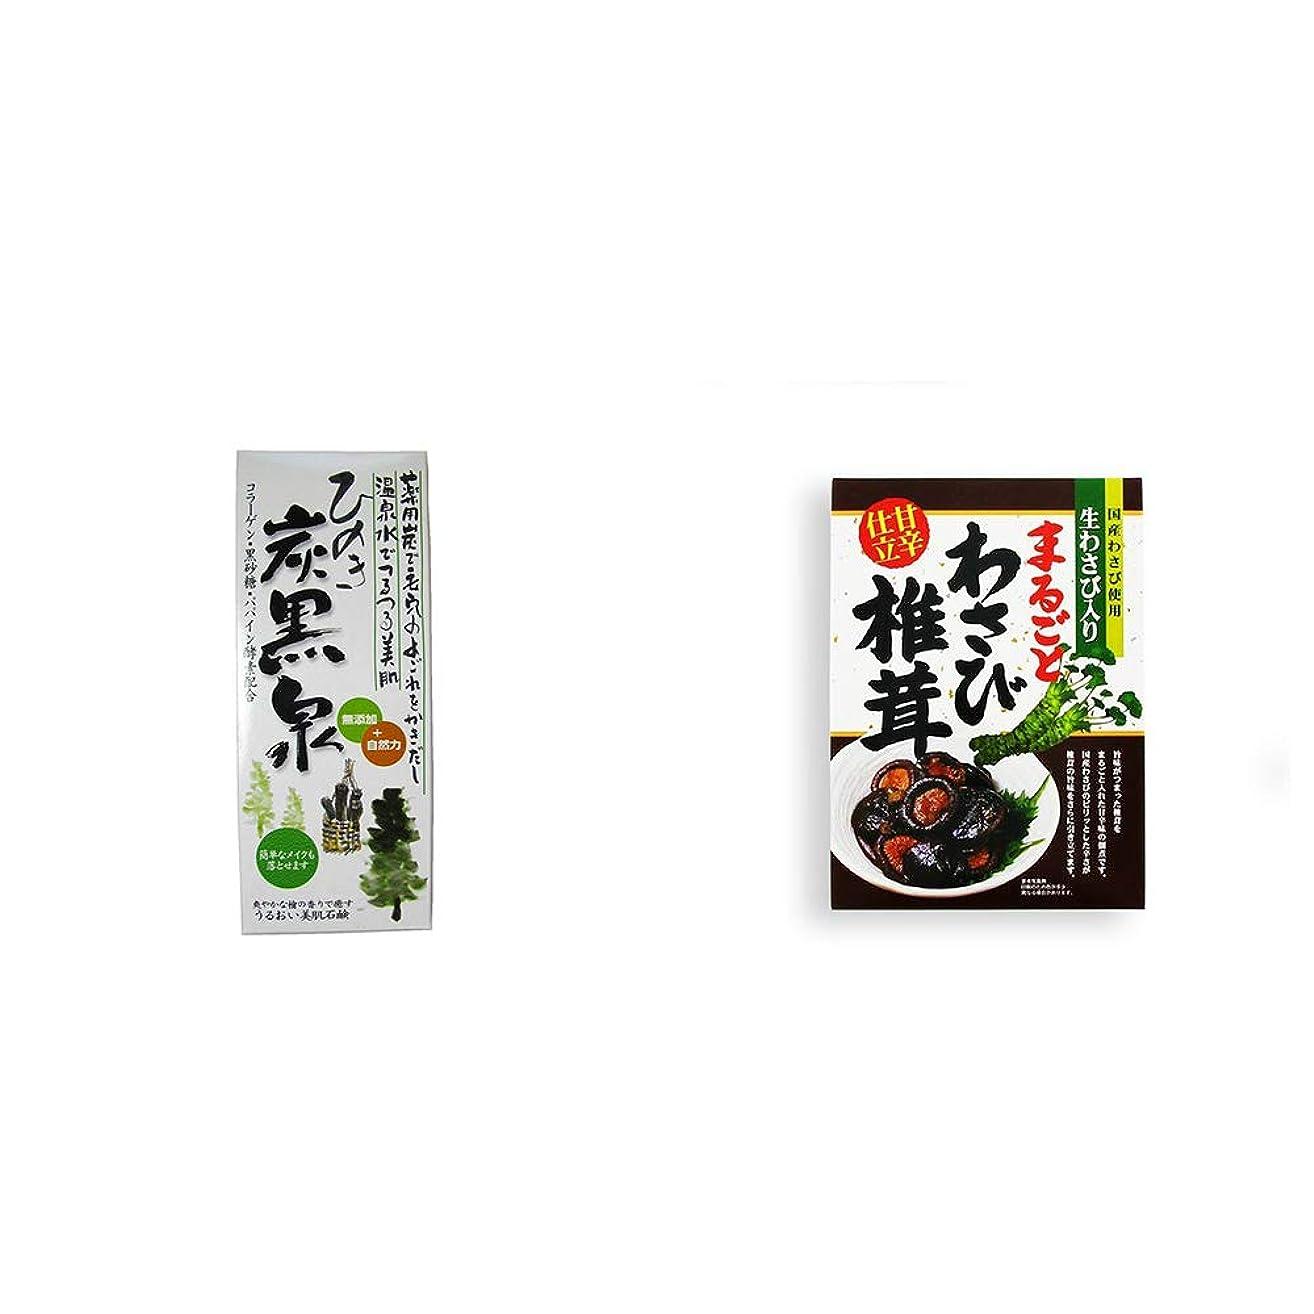 ハードリング以下増加する[2点セット] ひのき炭黒泉 箱入り(75g×3)?まるごとわさび椎茸(200g)